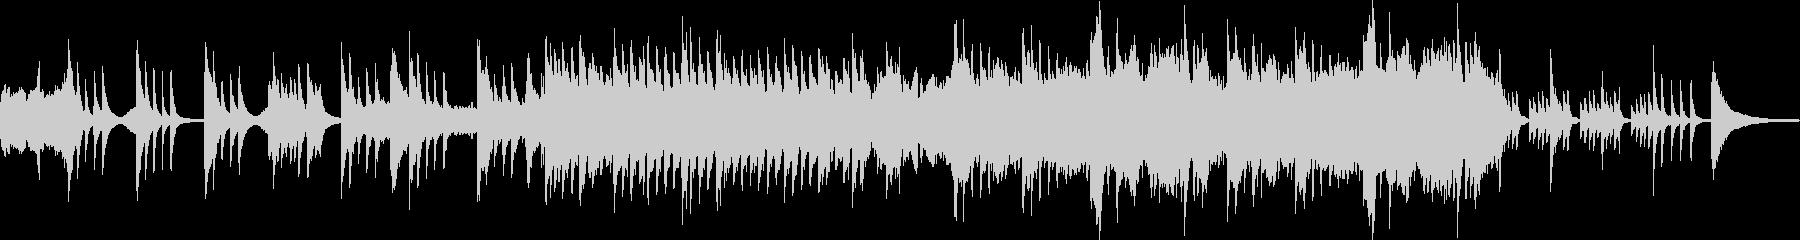 ピアノとチェロのゆったり目なインストの未再生の波形